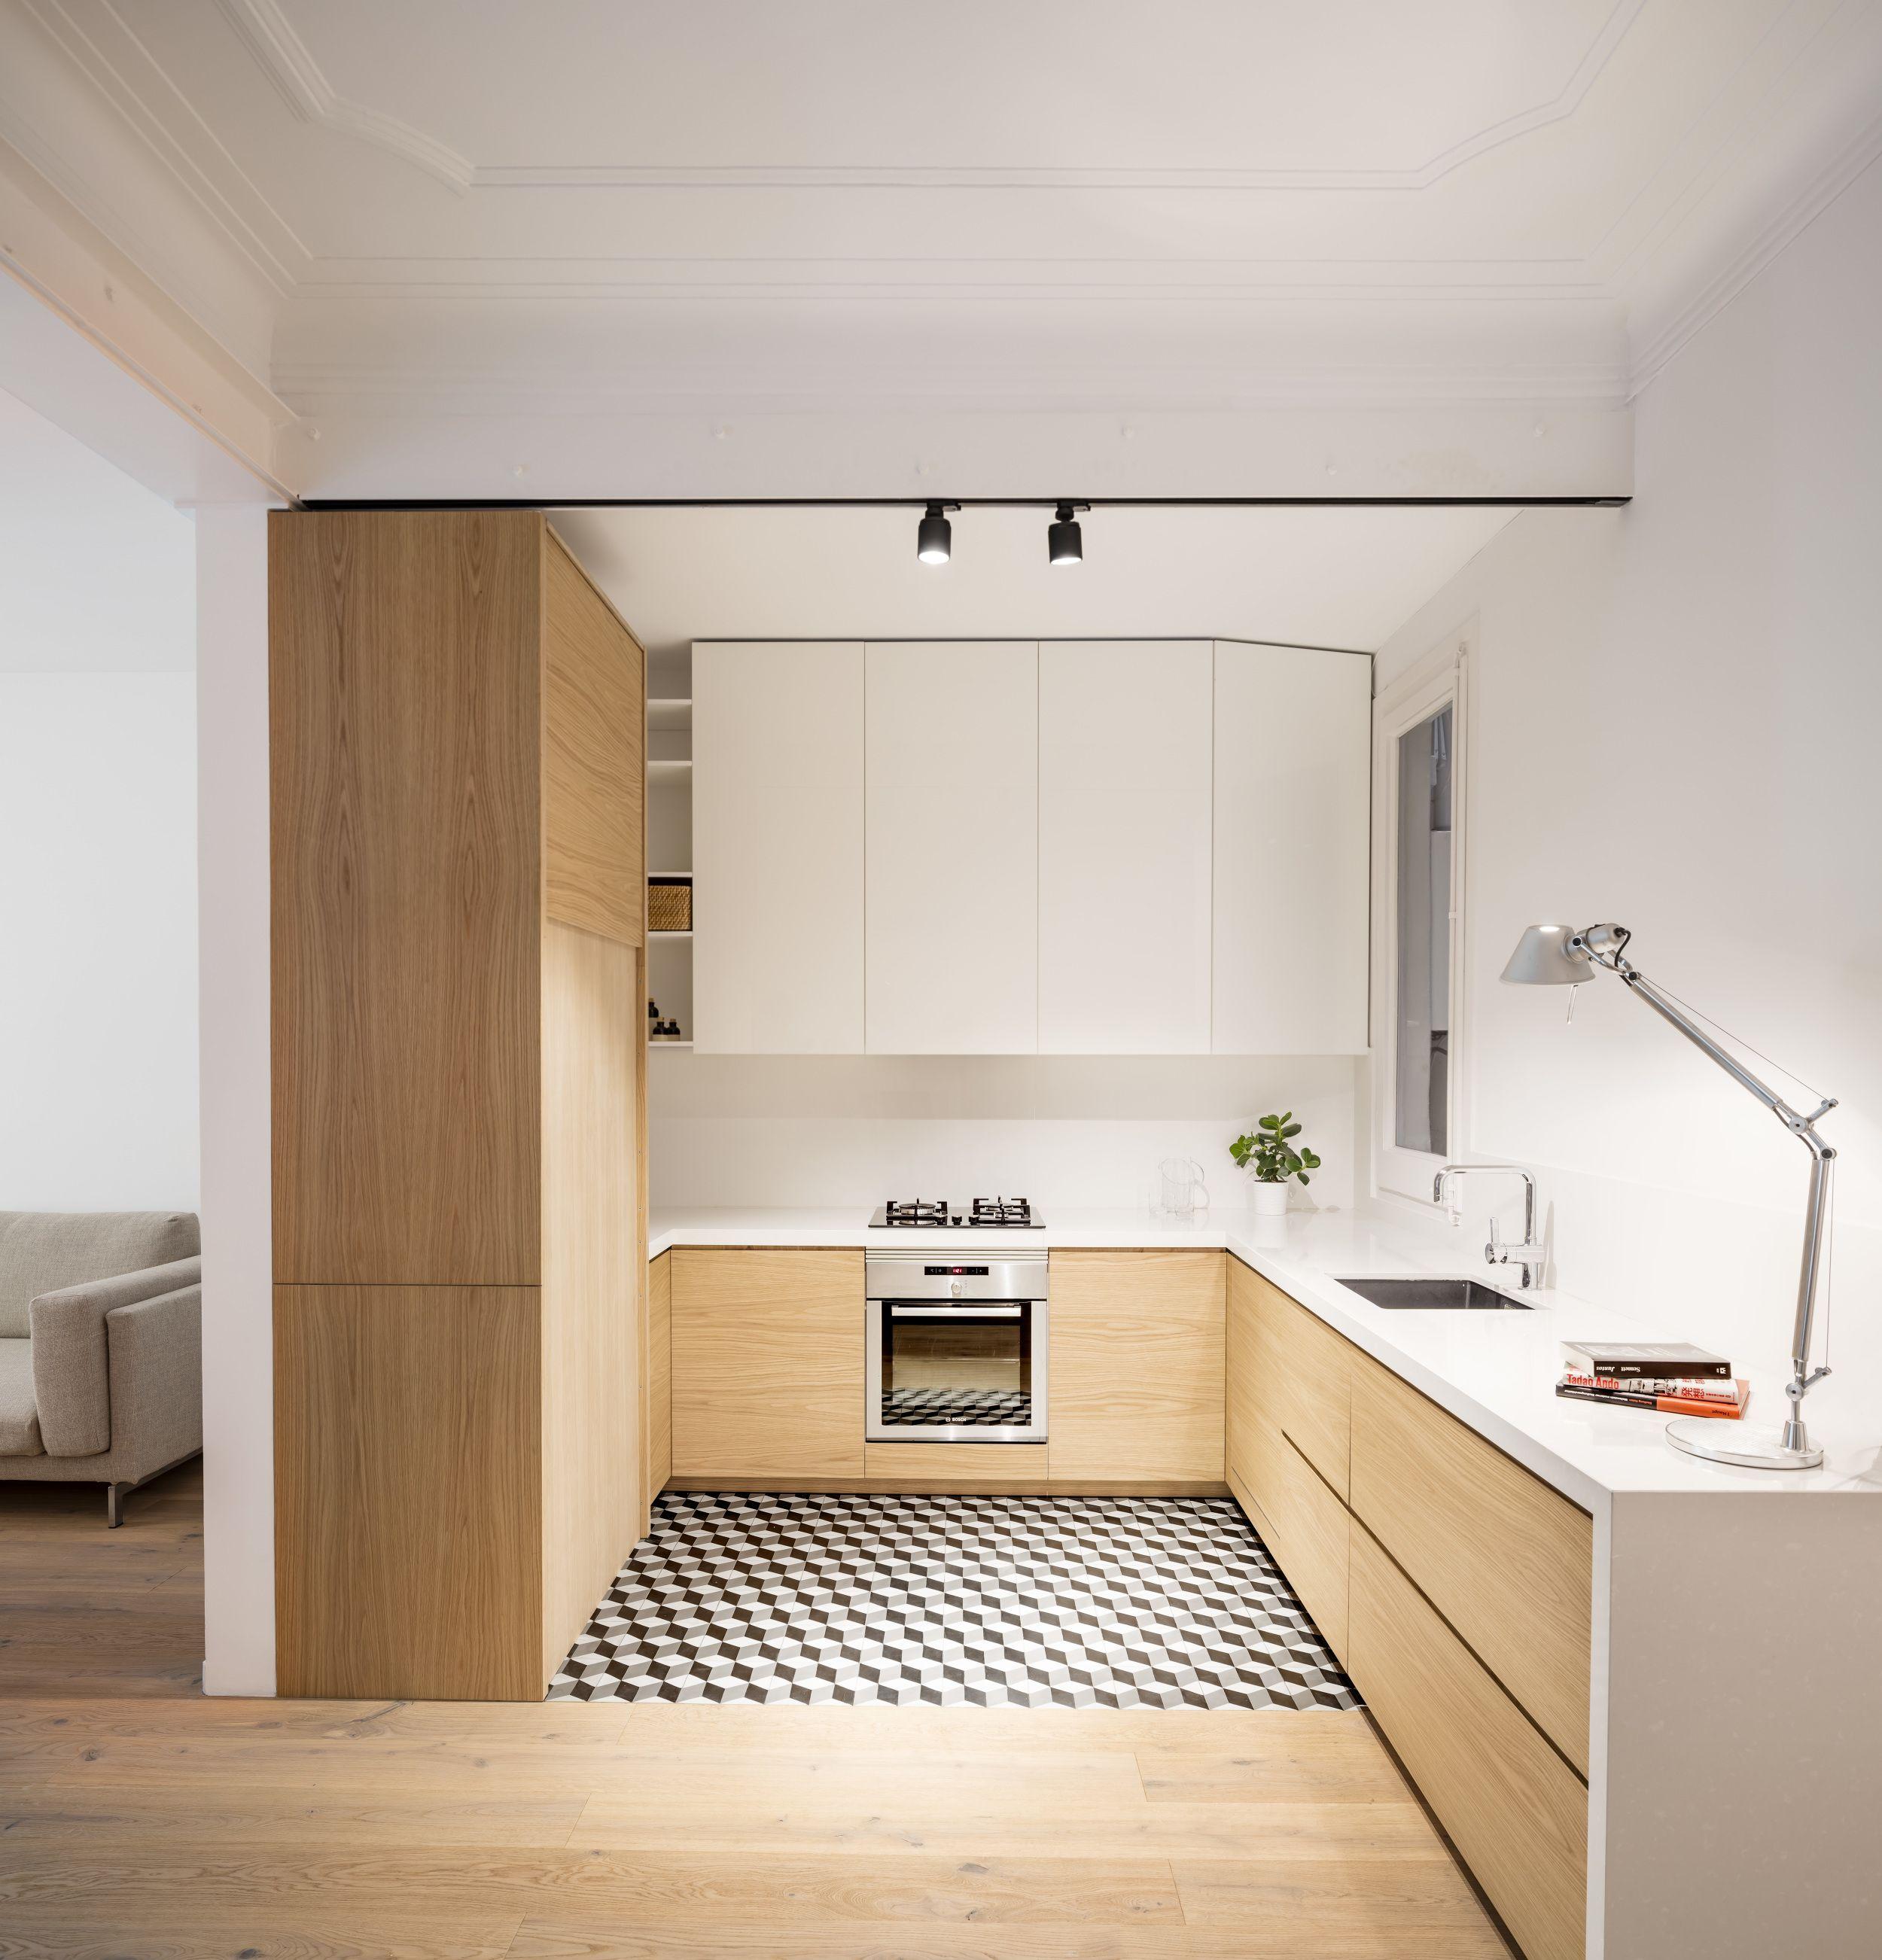 APARTAMENTO ALAN - EO arquitectura | cocina | Pinterest | Cocinas ...